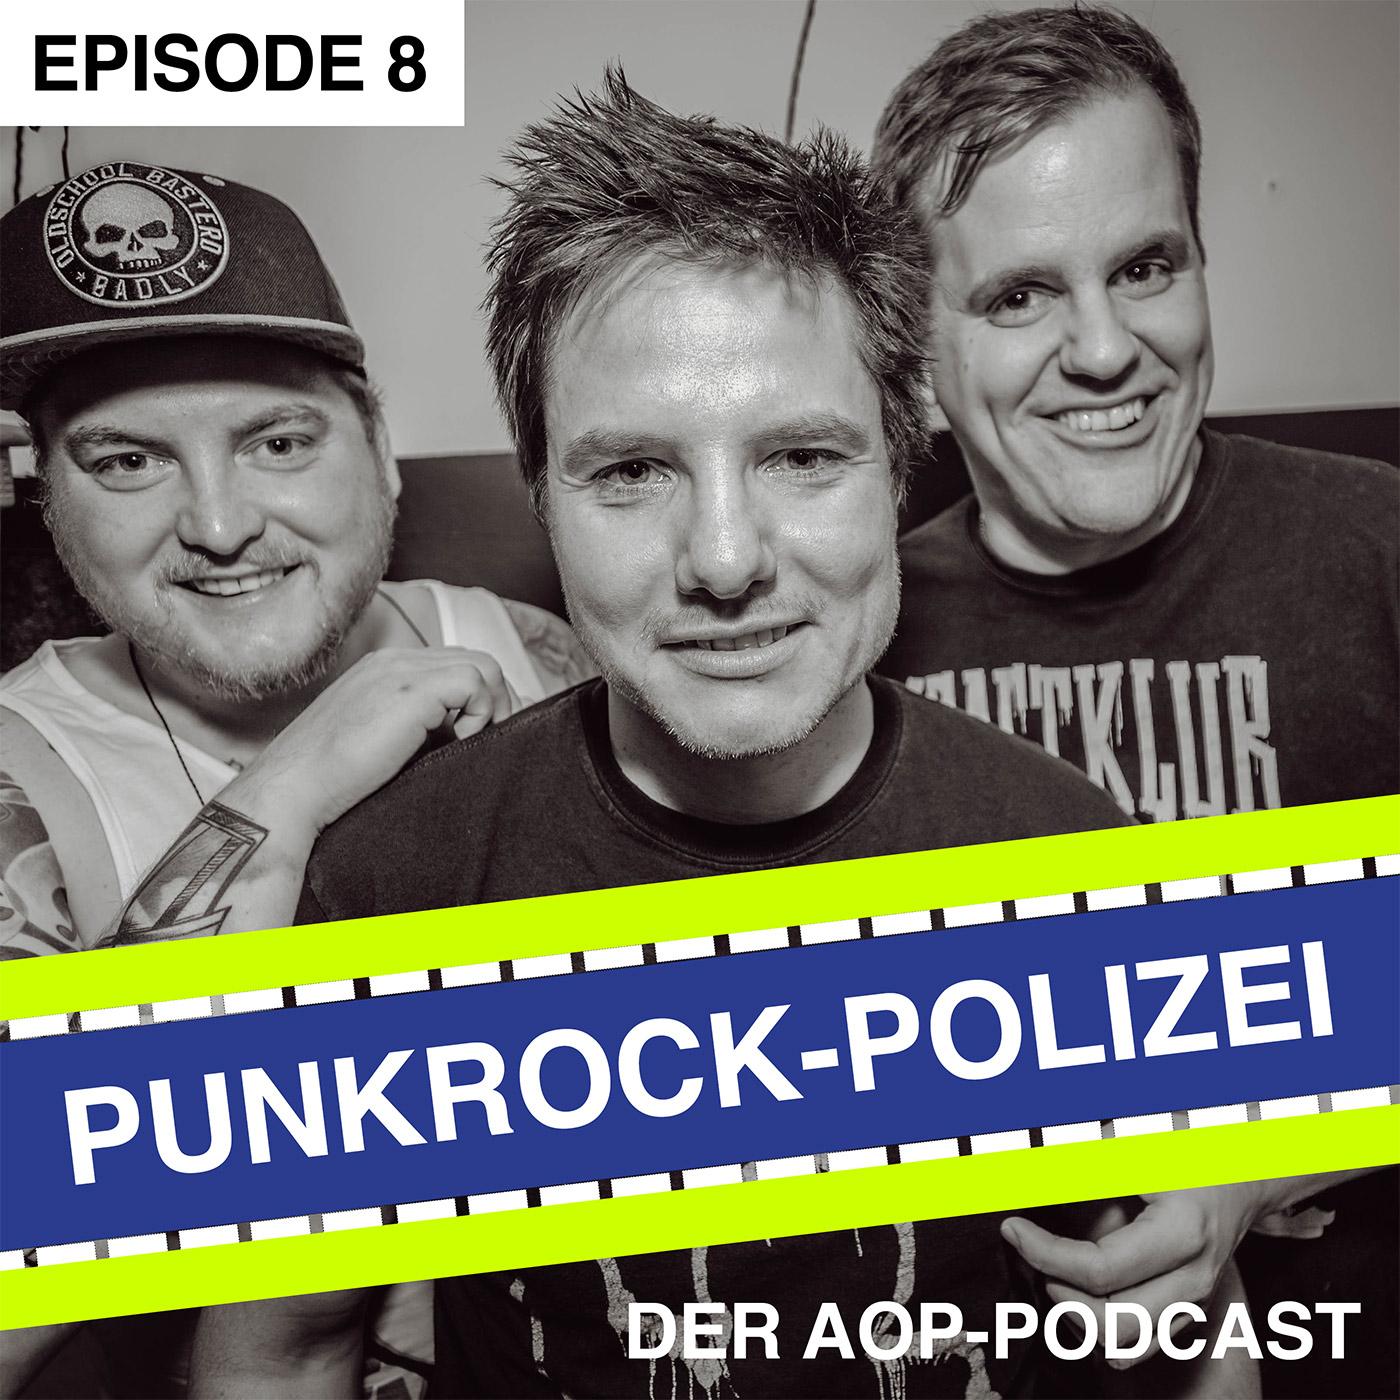 Episode #8: Vom Schlammside, Bratänen und echten Punks